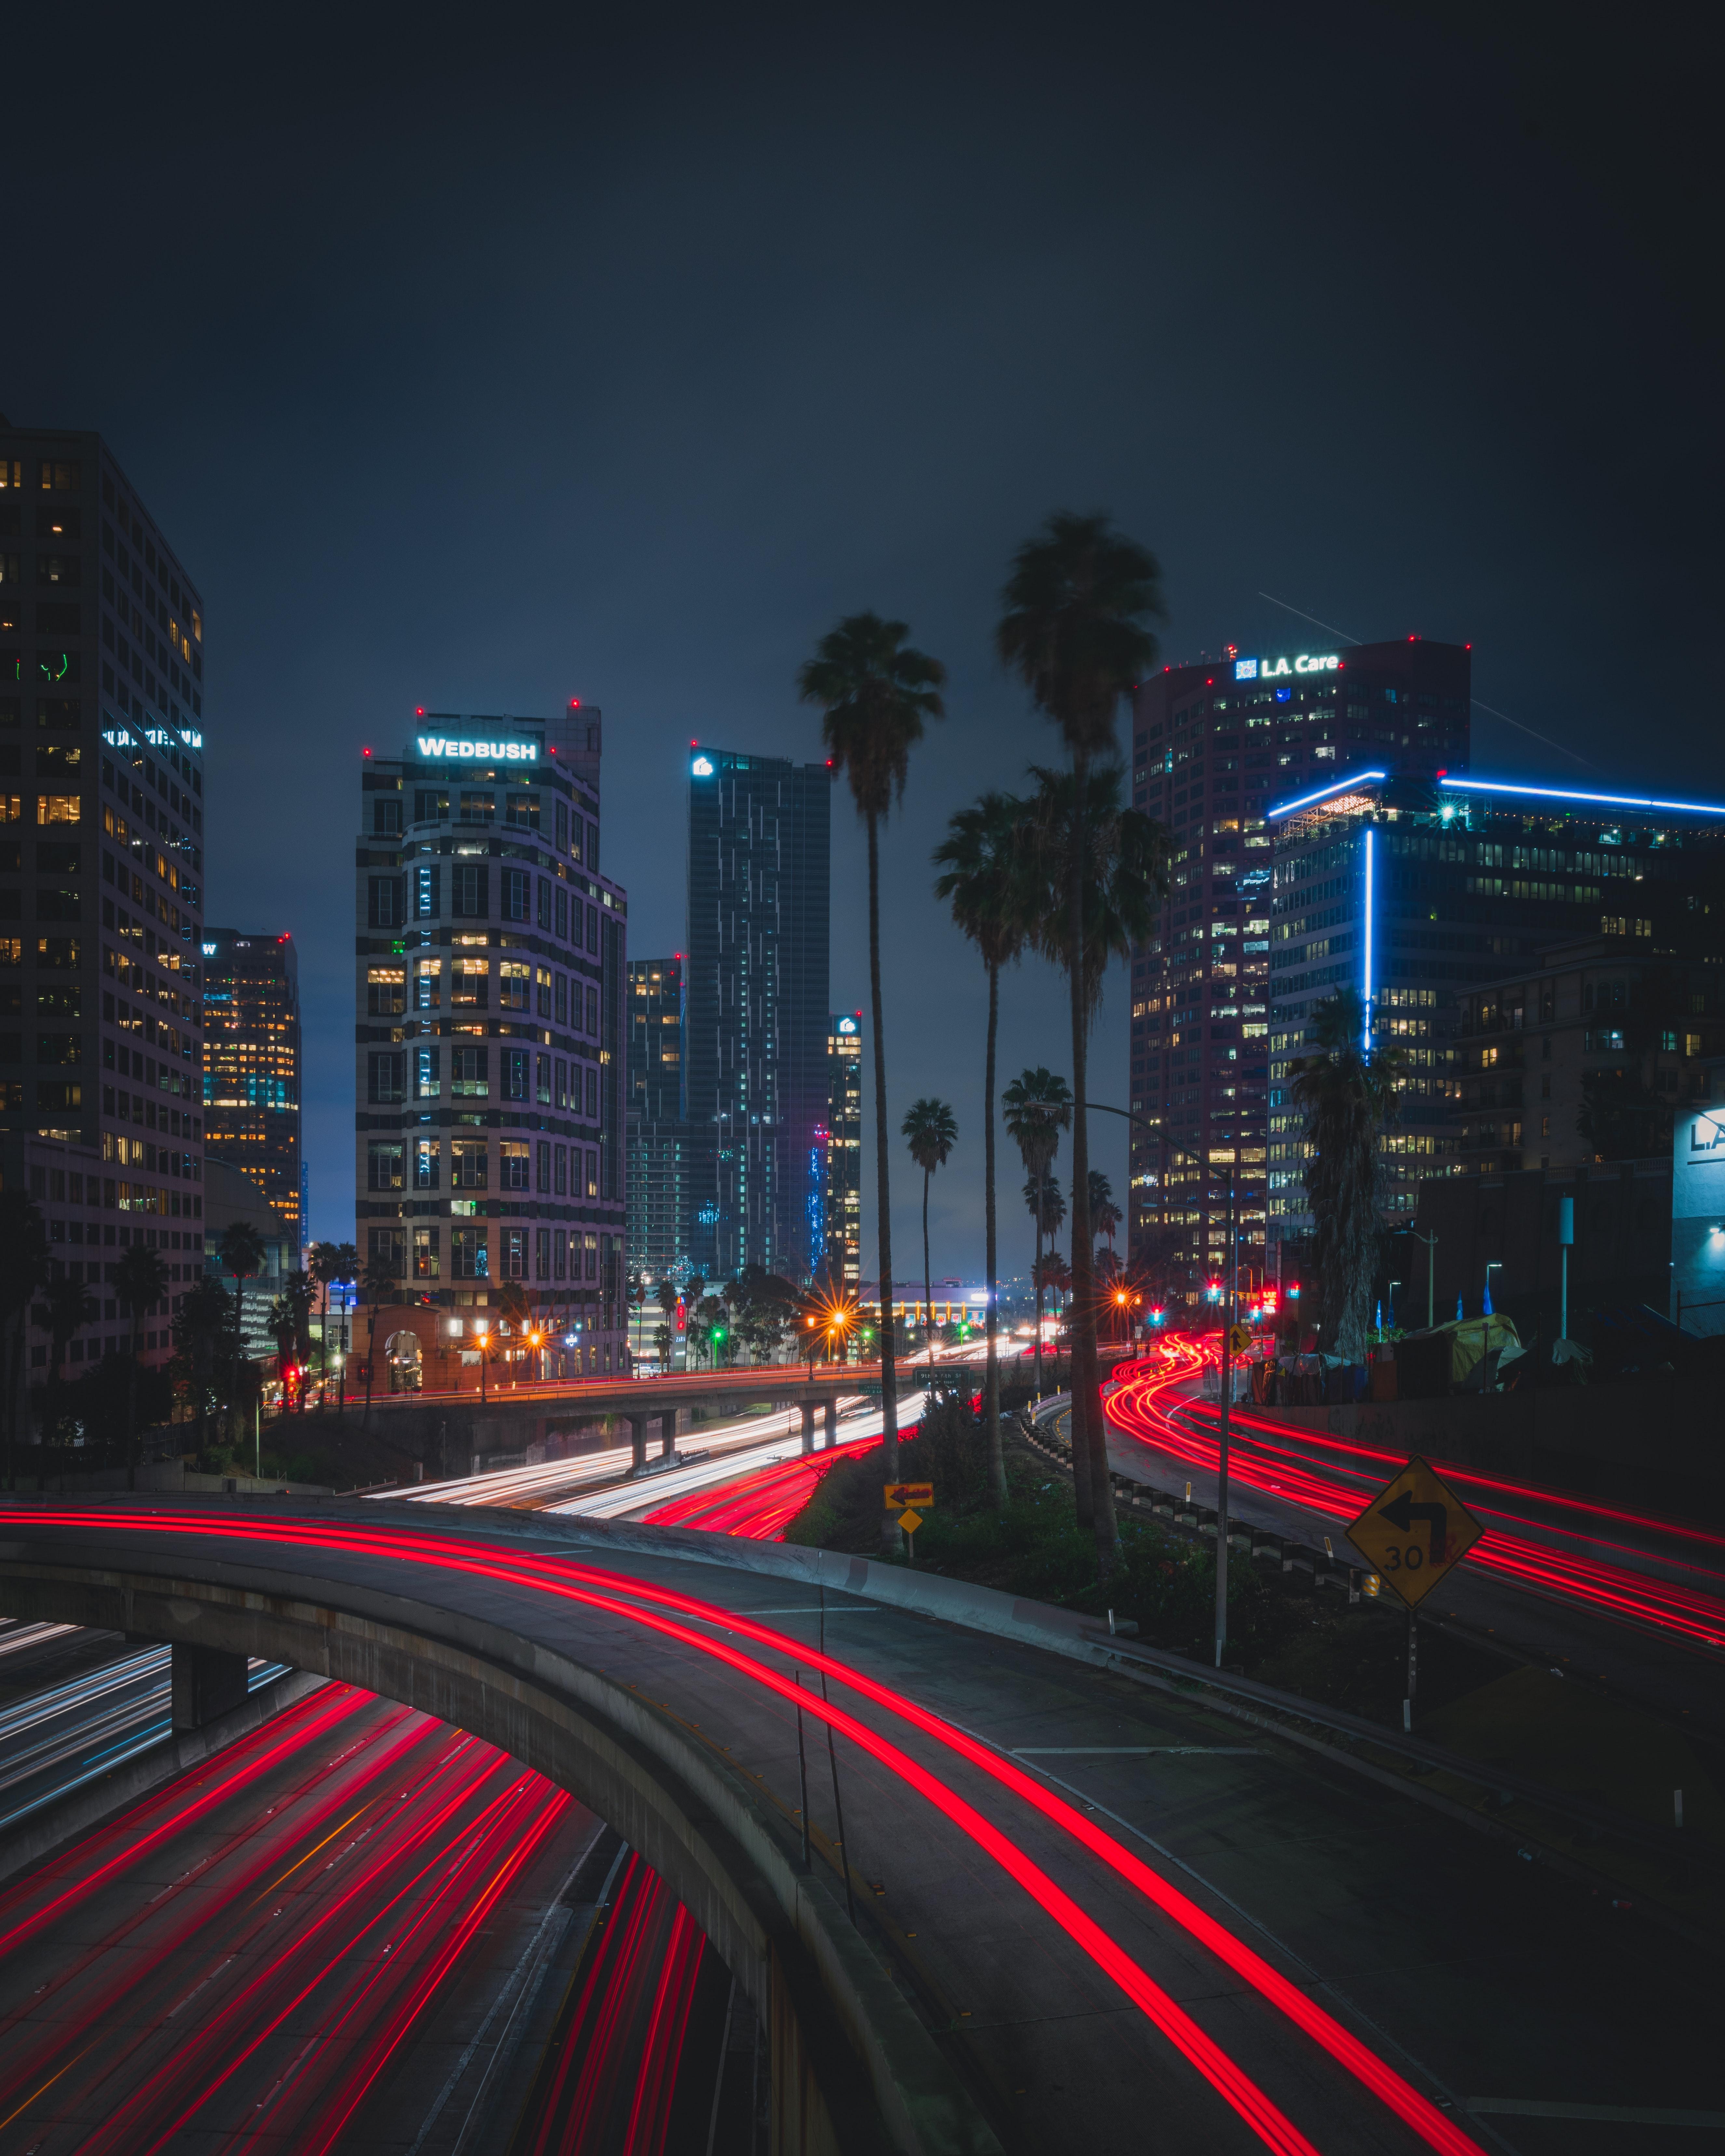 139198 Hintergrundbild herunterladen Städte, Roads, Palms, Der Verkehr, Bewegung, Nächtliche Stadt, Night City, Lichter Der Stadt, City Lights - Bildschirmschoner und Bilder kostenlos